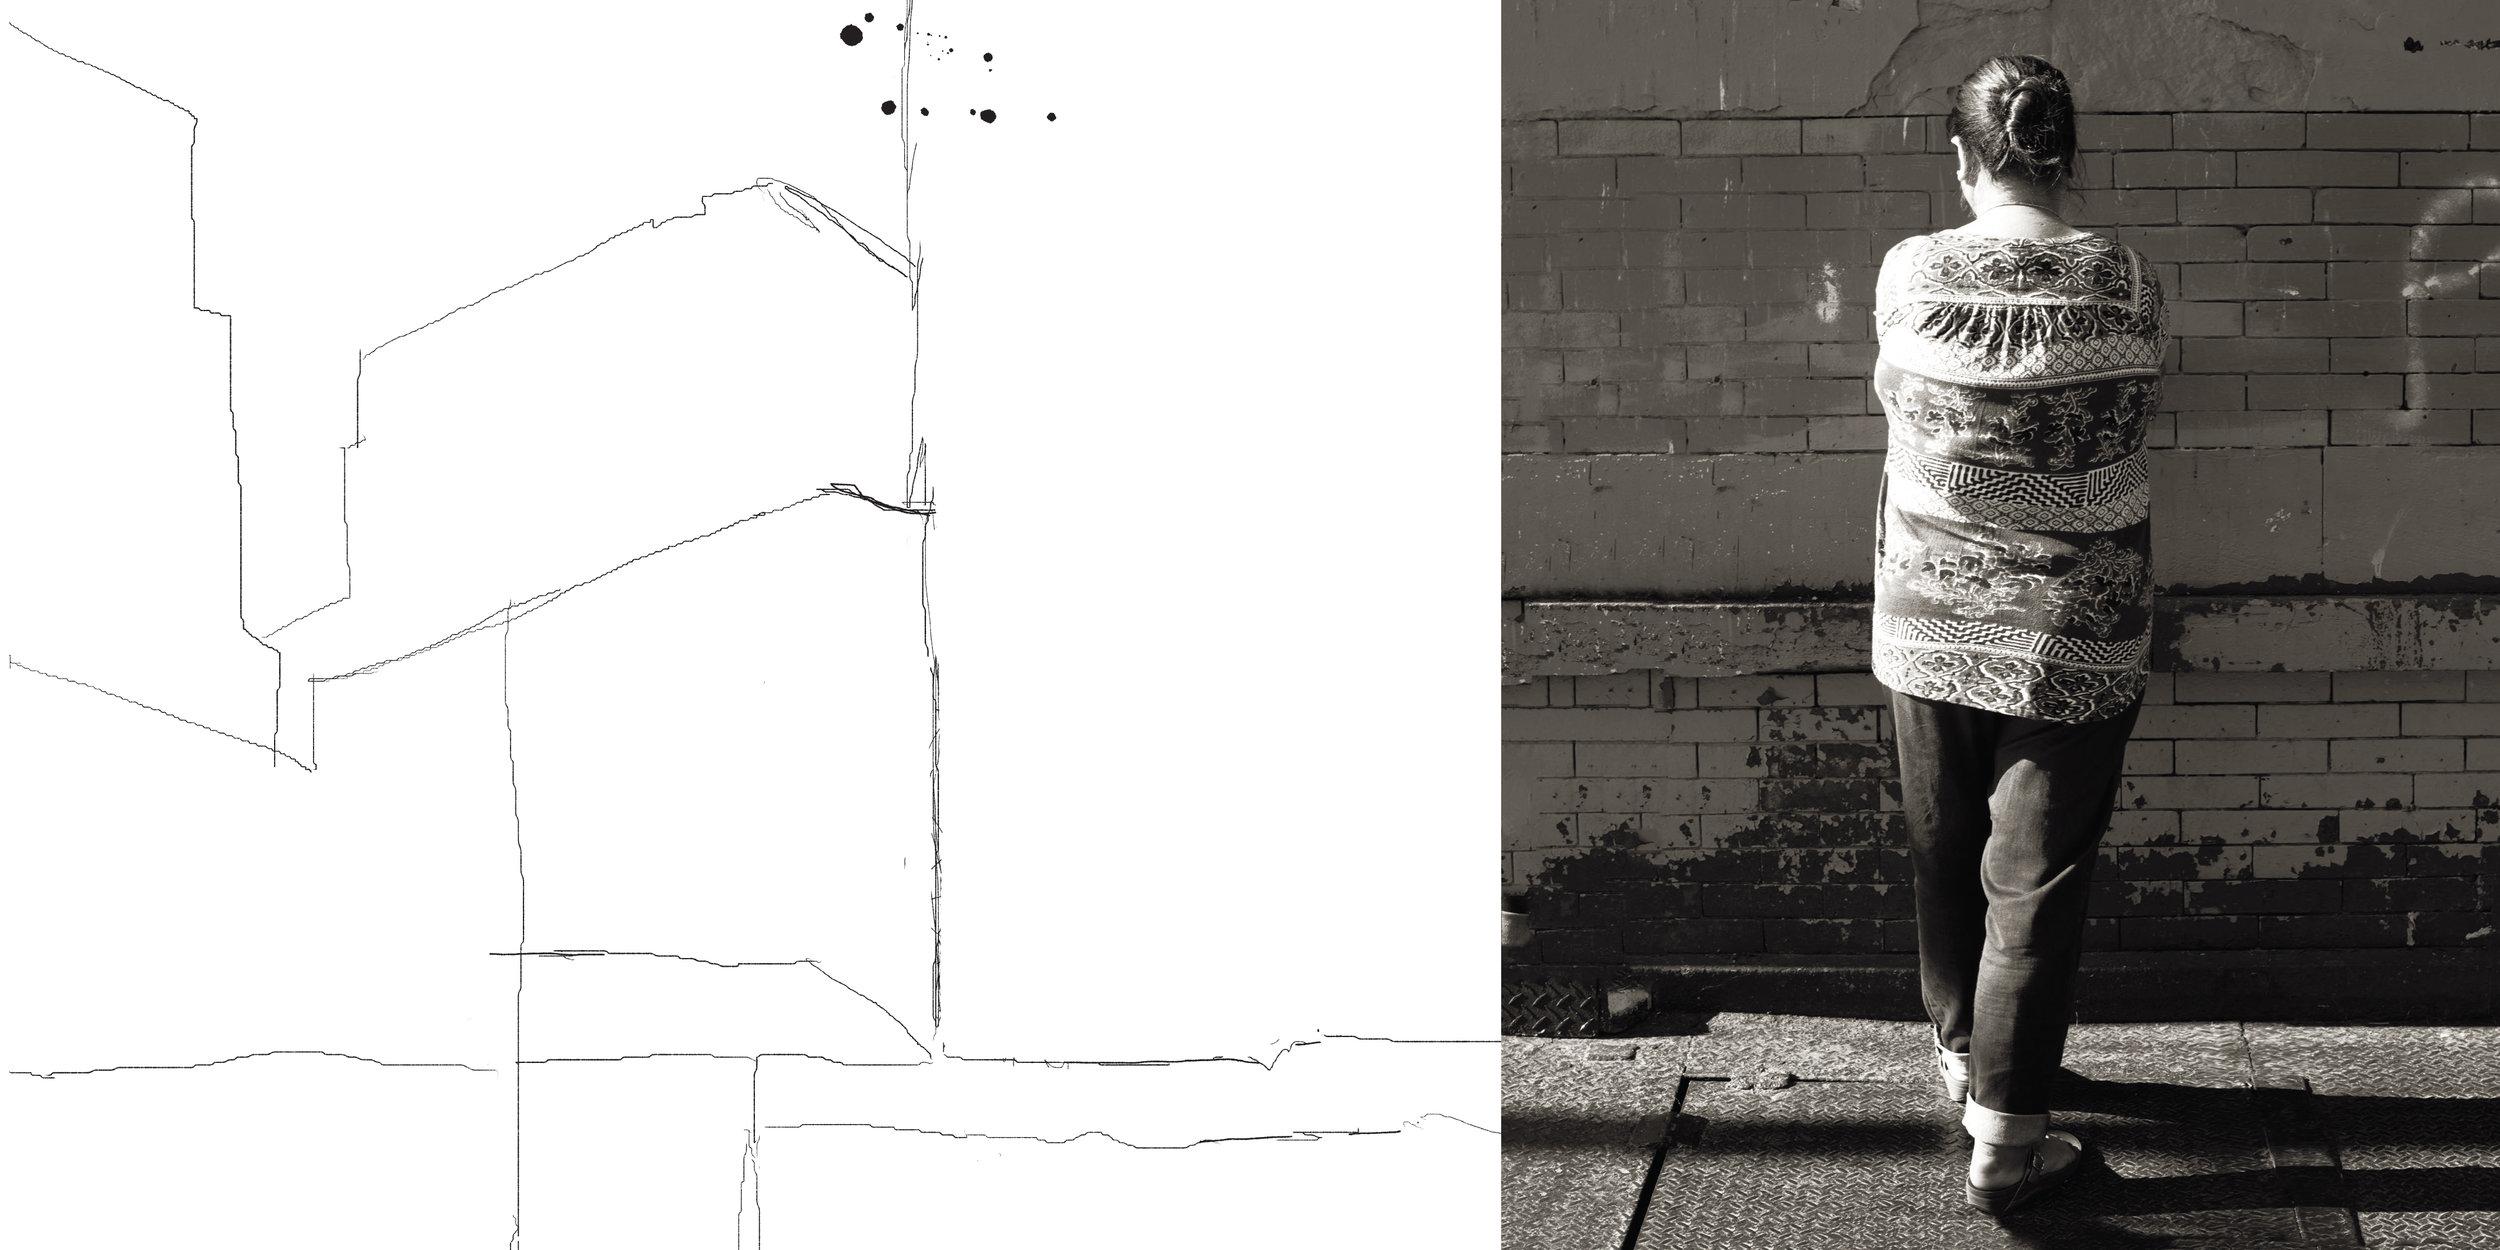 UATW-Interior-4-ej-8 copy.jpg